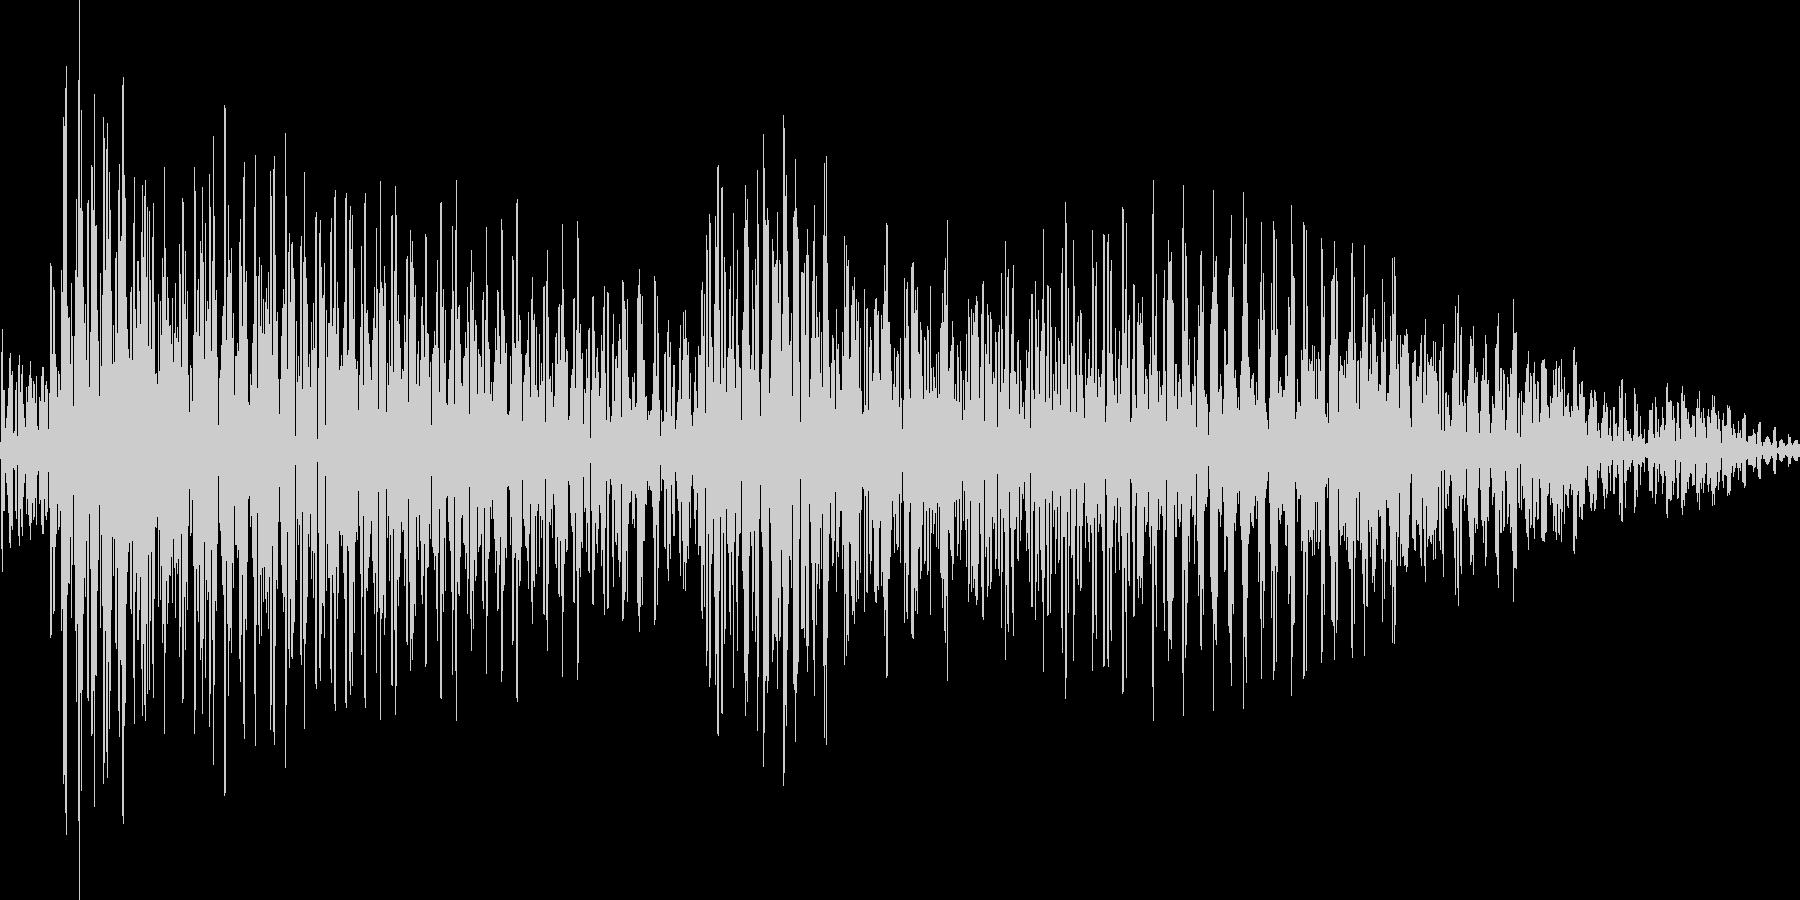 ジャジャン(カントリーギター)の未再生の波形